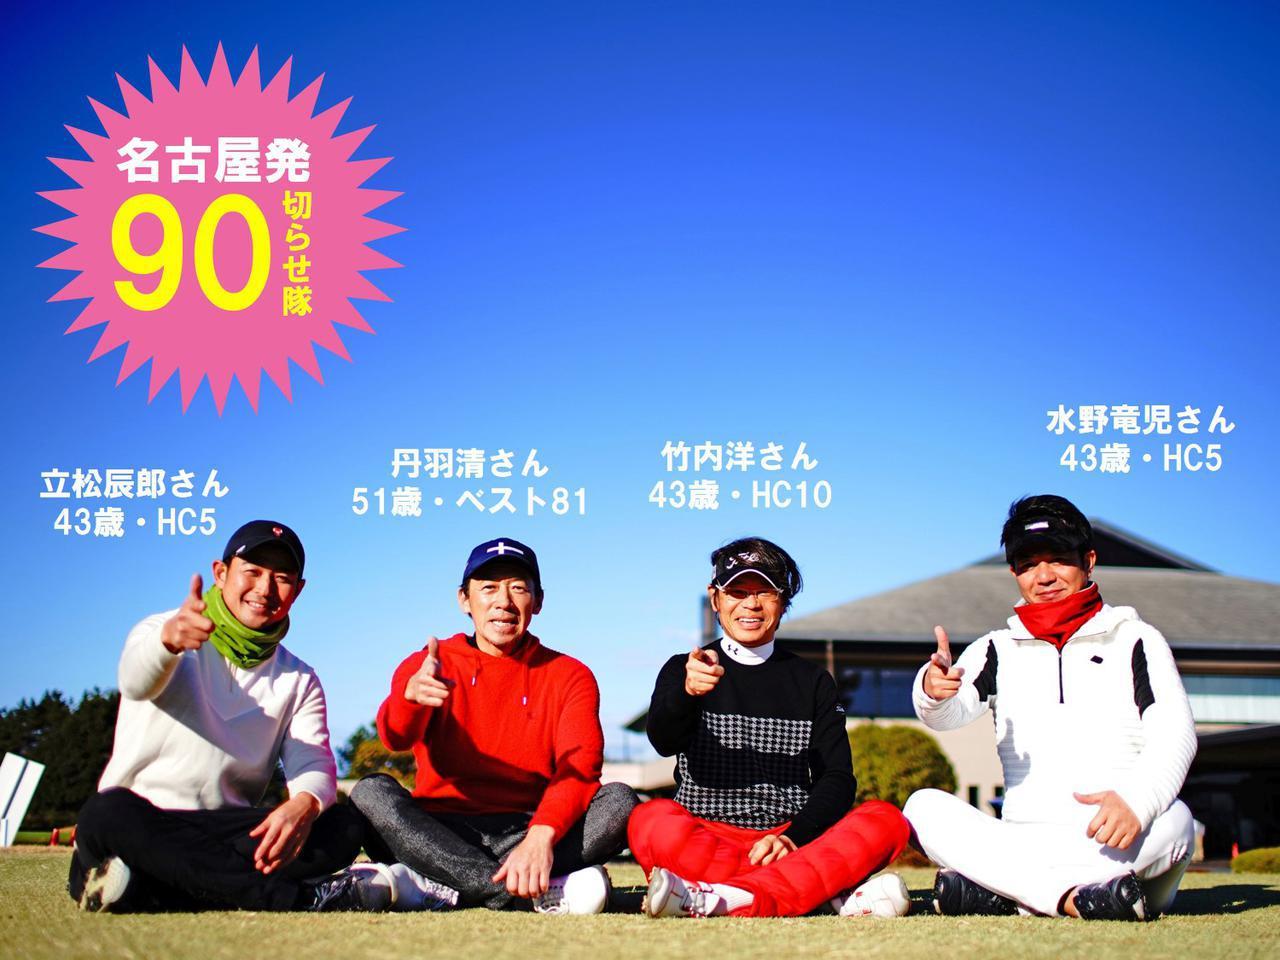 画像: 教えるのは、名古屋発「90切らせ隊」の4人